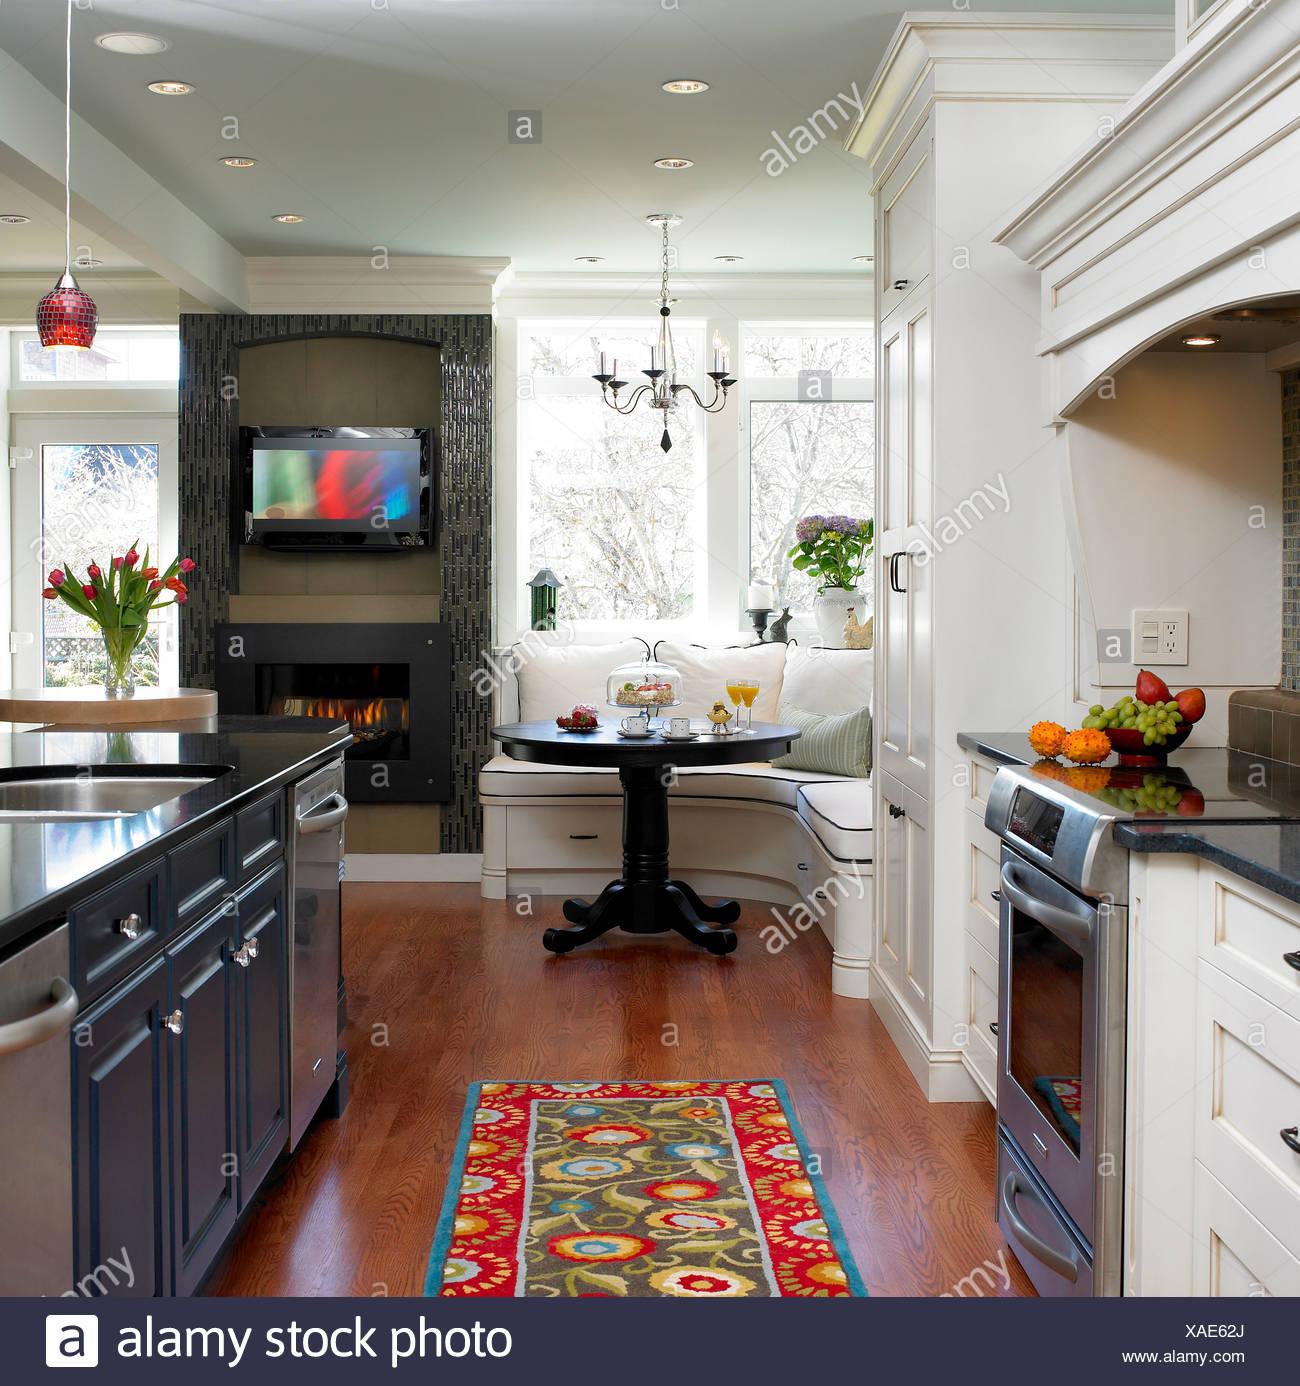 Bianco cucina tradizionale con prima colazione panchetto in angolo ...